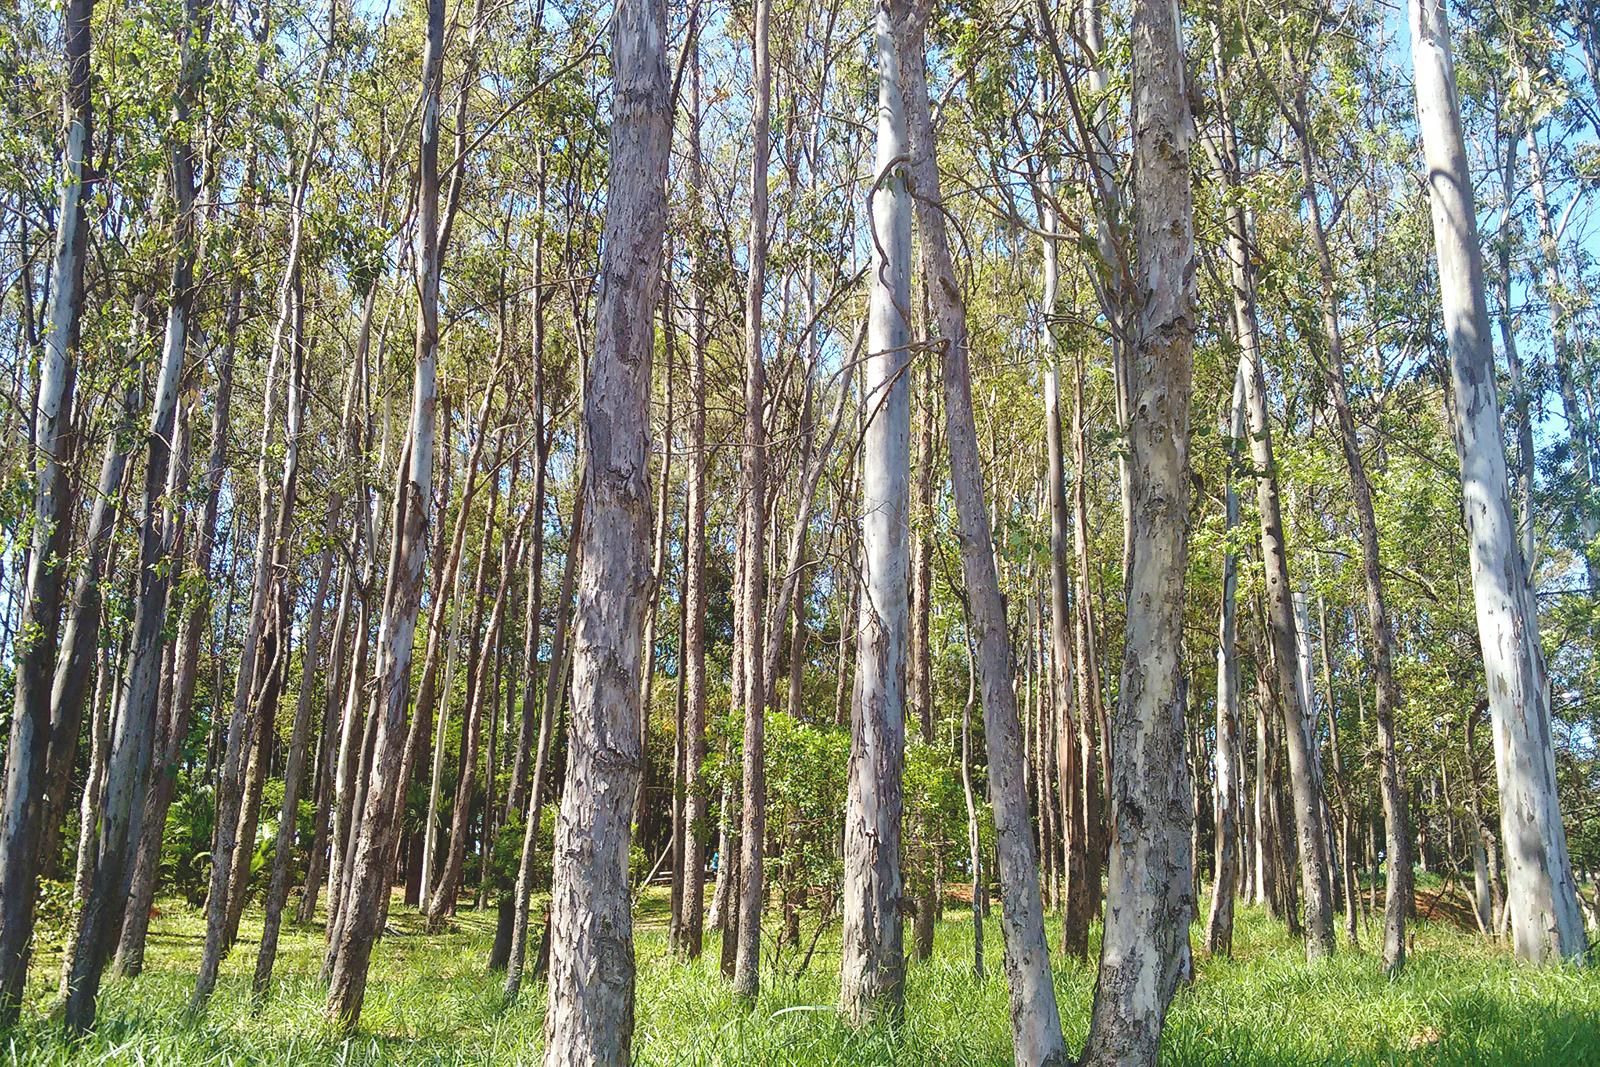 floresta tronco compridos árvores